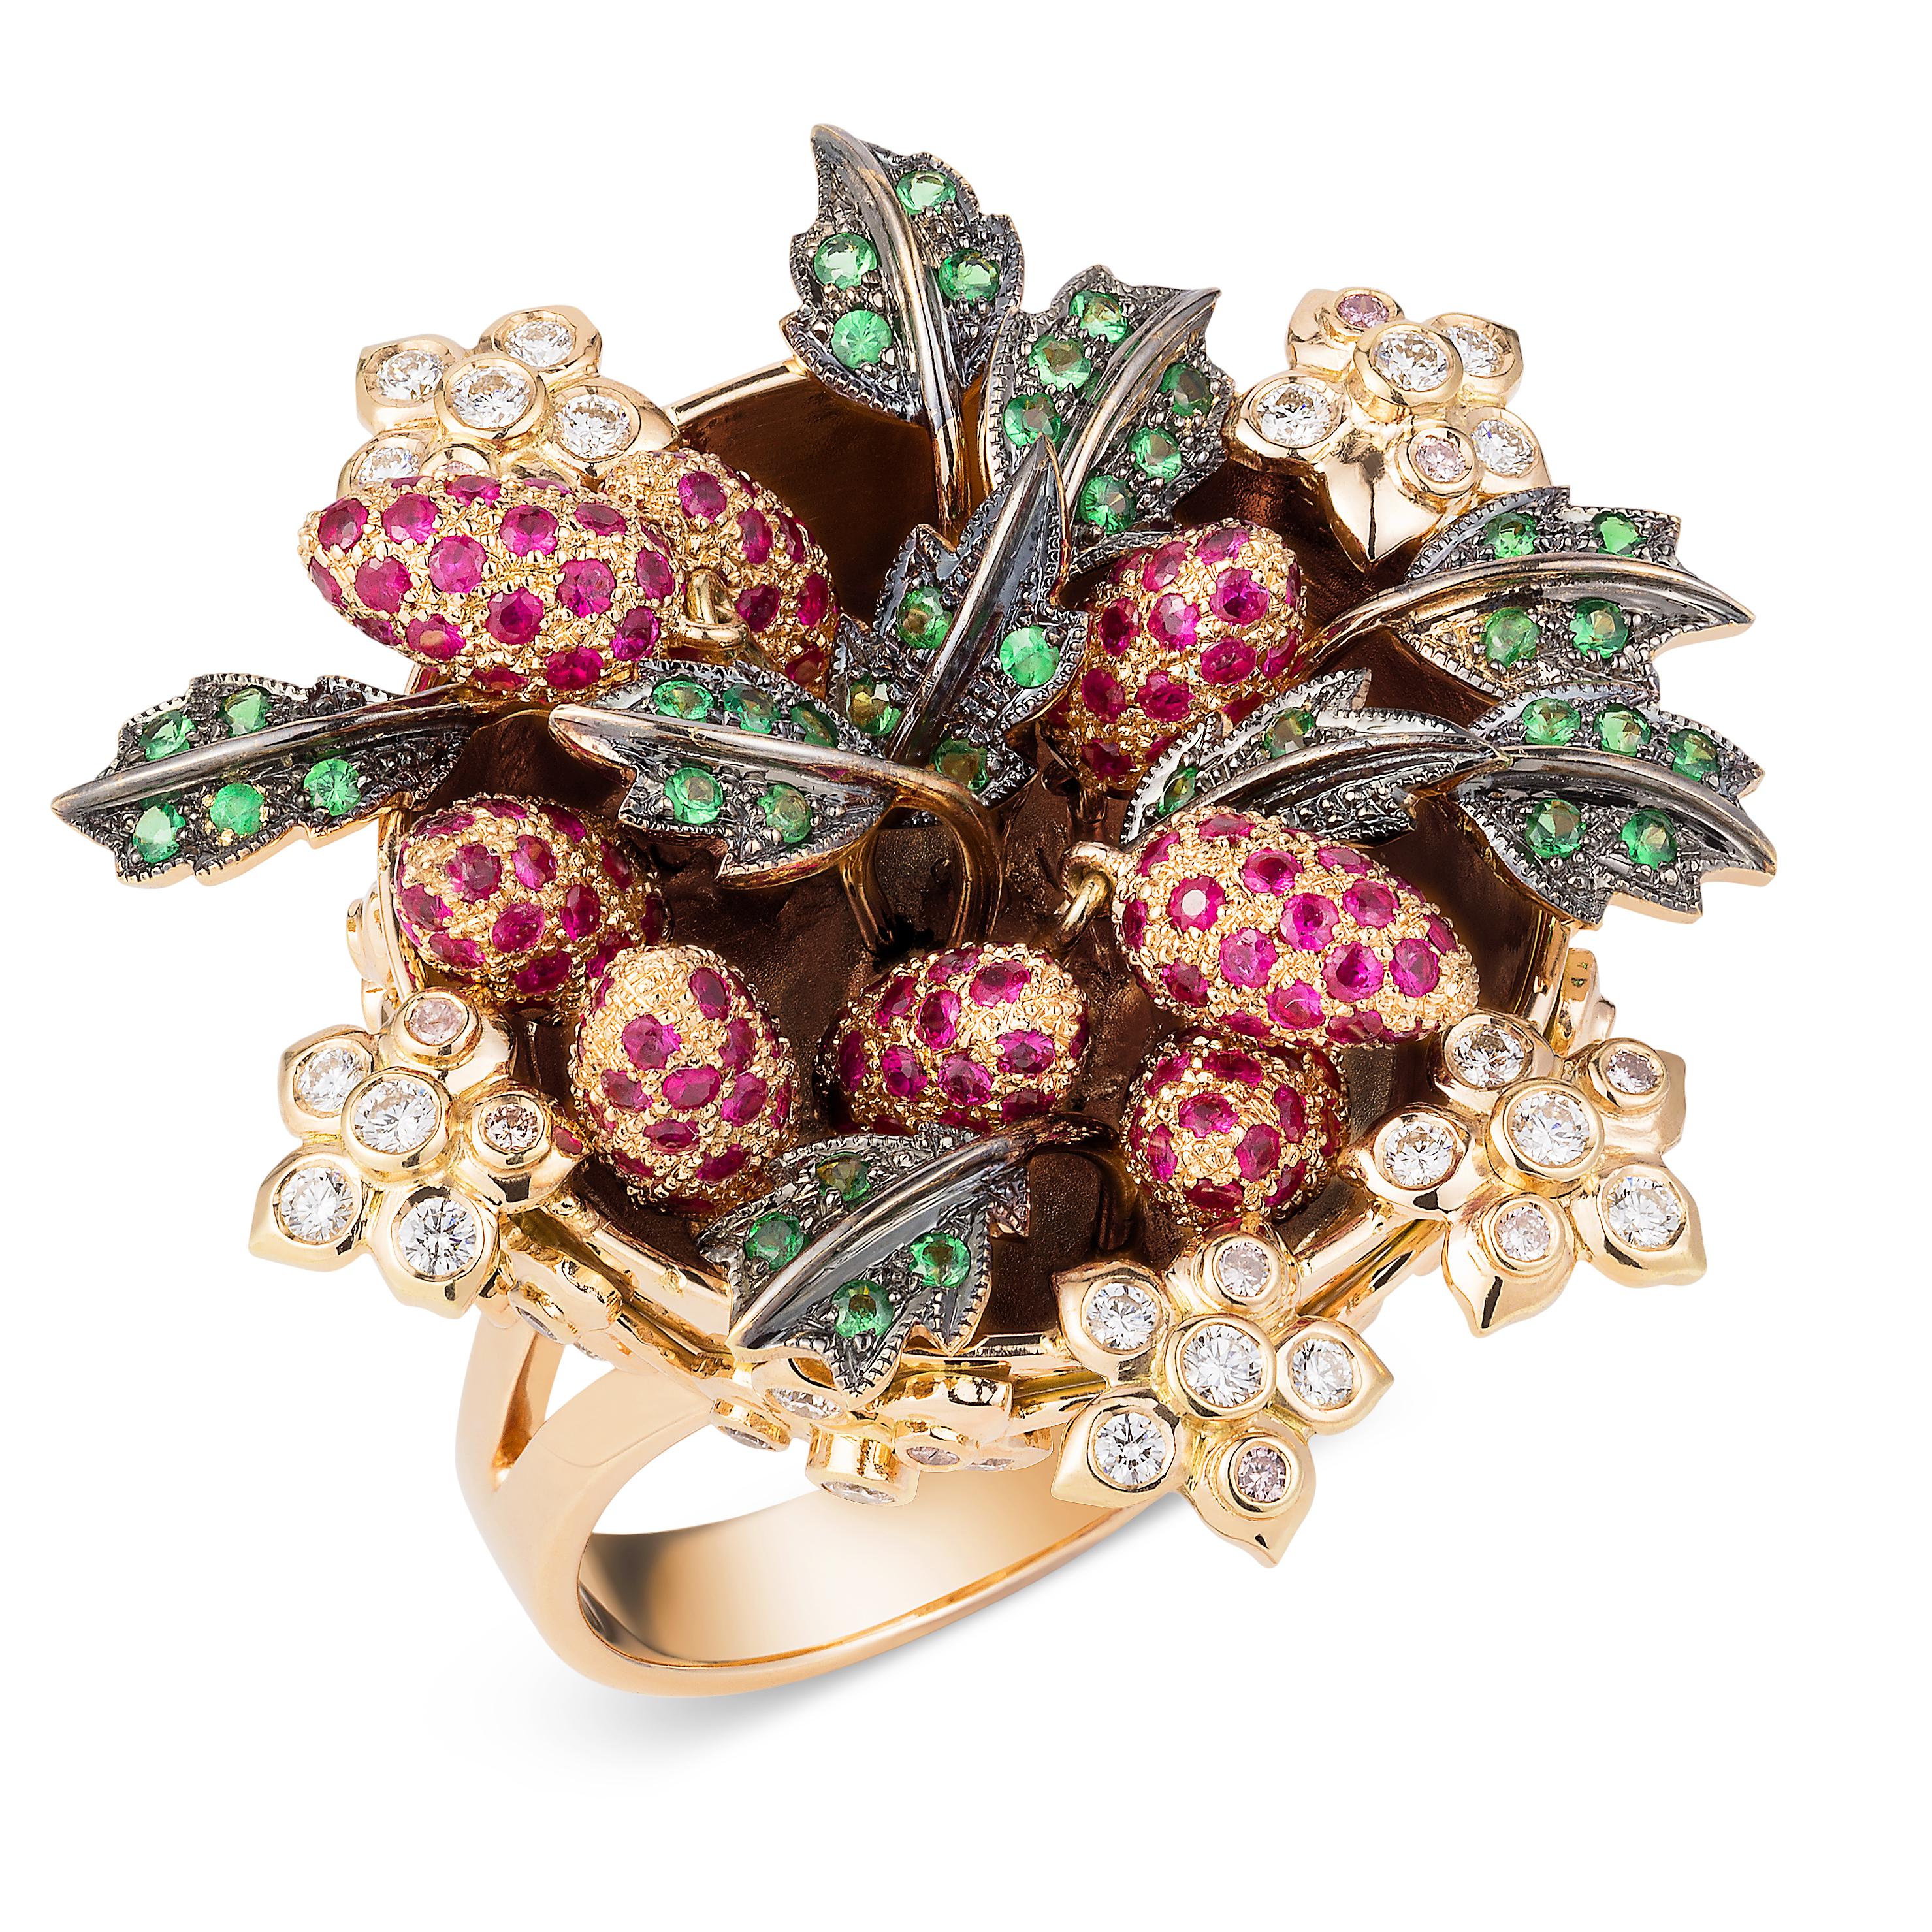 Wild Strawberry Ring – Tsavorite Garnets, Rubies, Pink And White Diamonds 18k-rose-gold